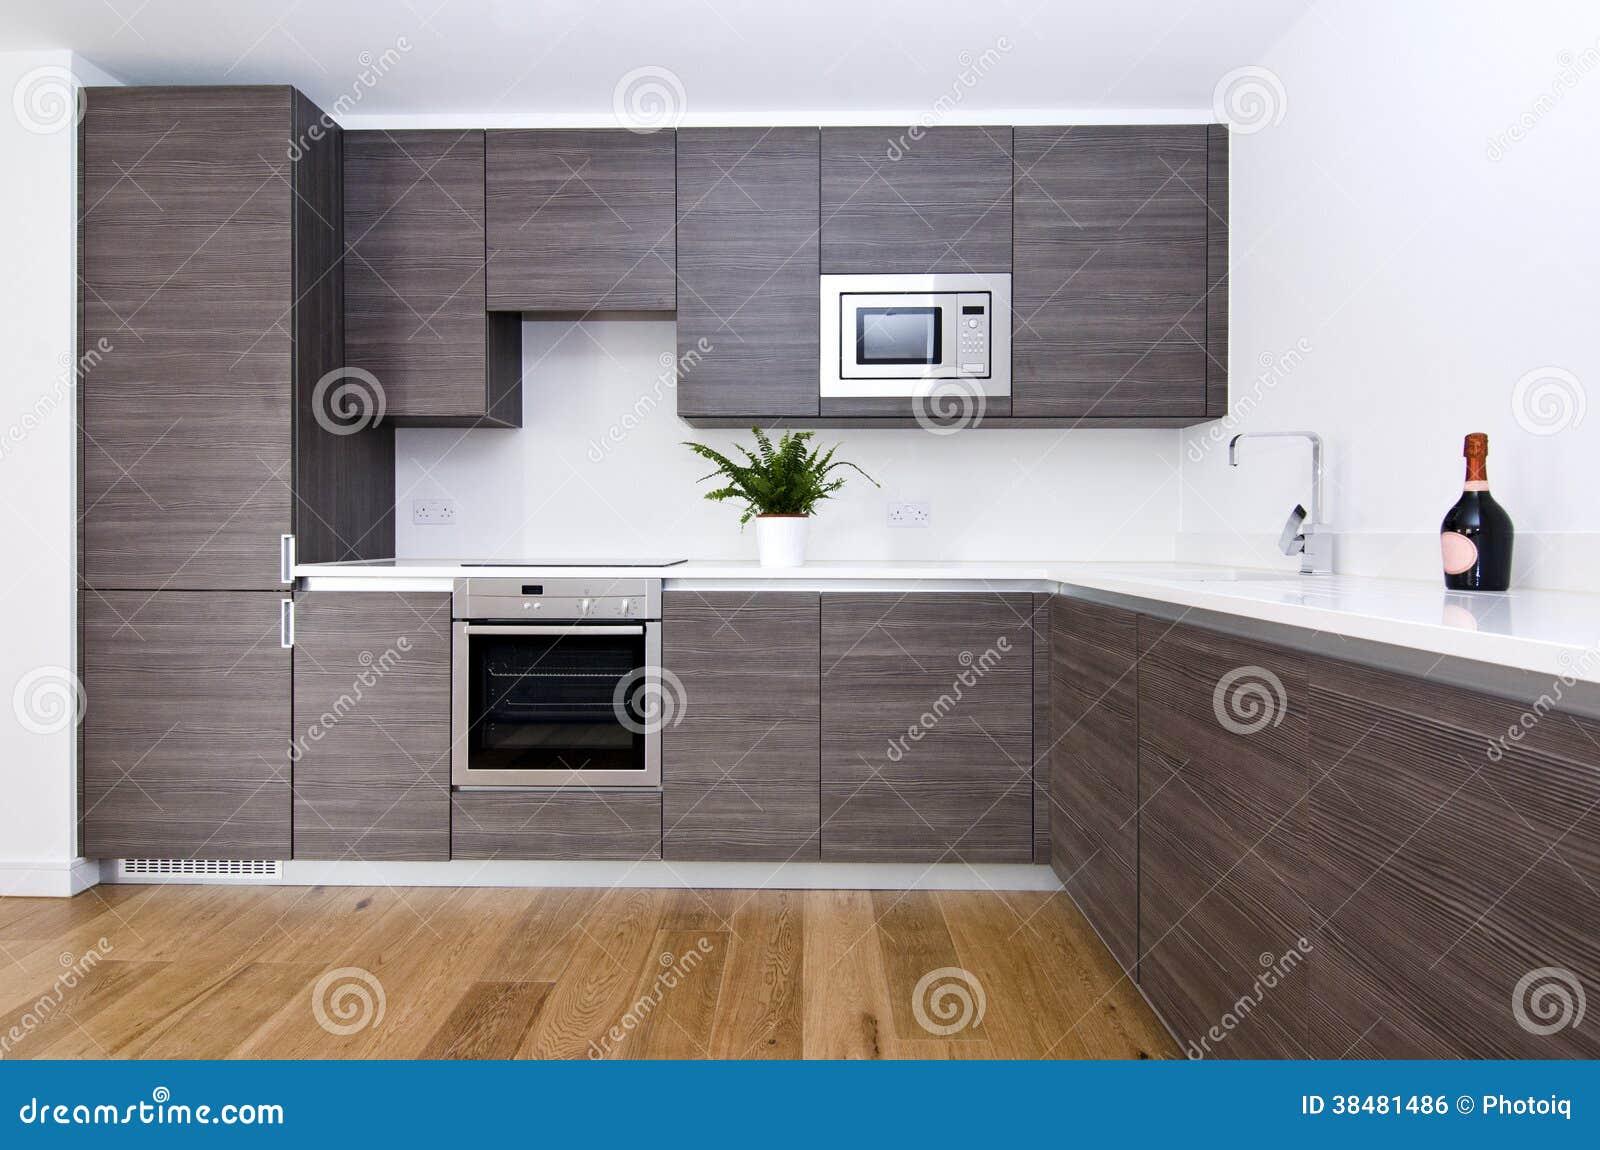 Współczesna Kuchnia Z Odgórnymi Spec Urządzeniami Zdjęcie